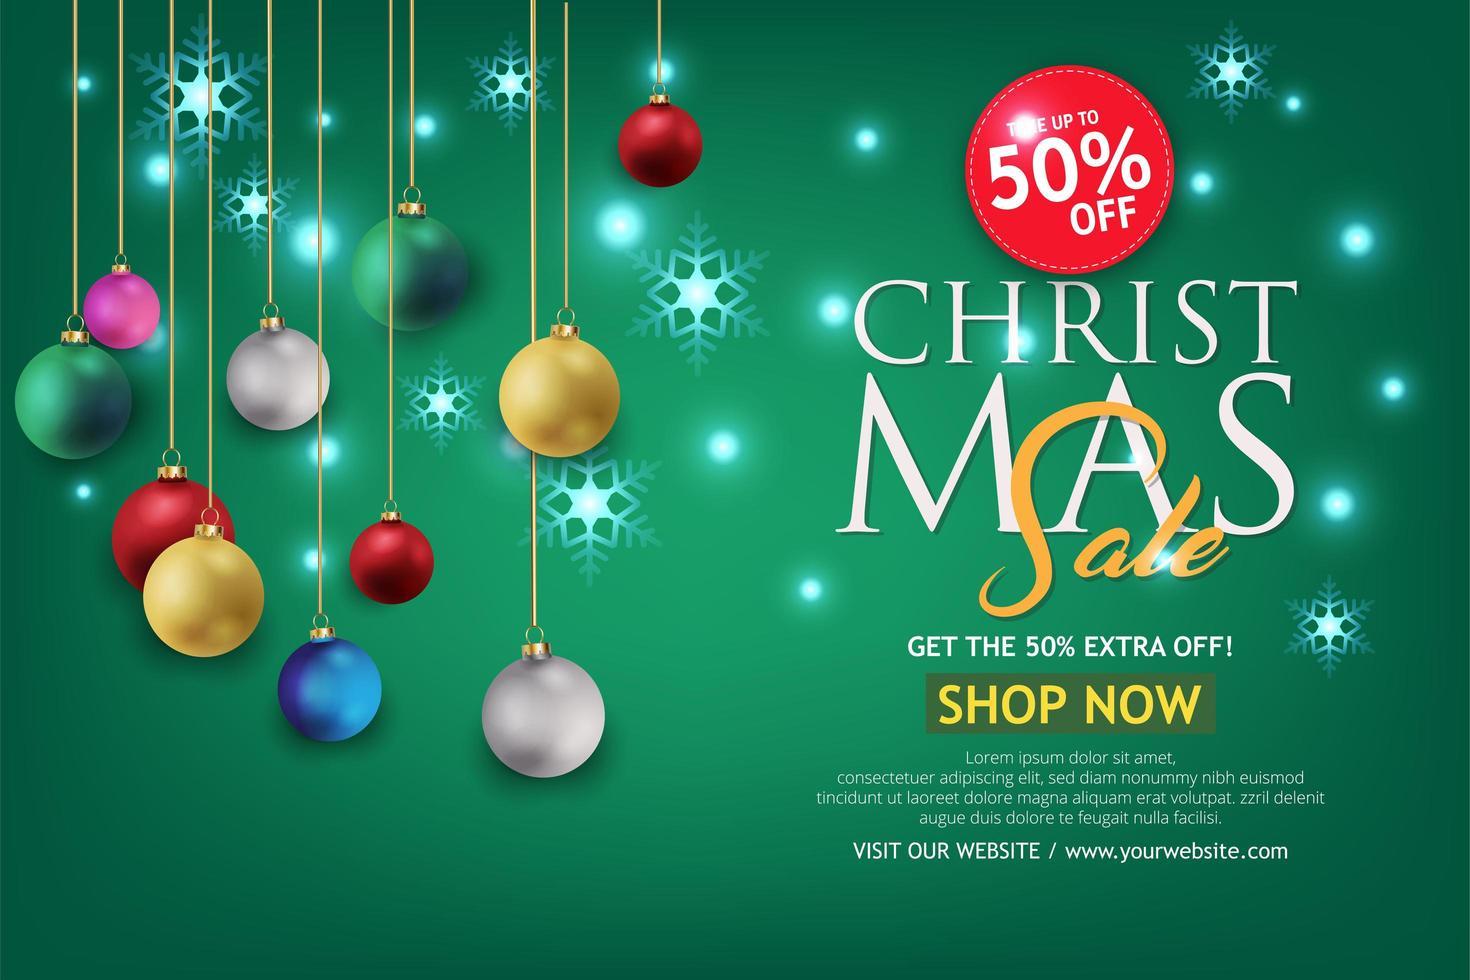 banner de venda de Natal em fundo verde. Loja de texto feliz natal agora. vetor